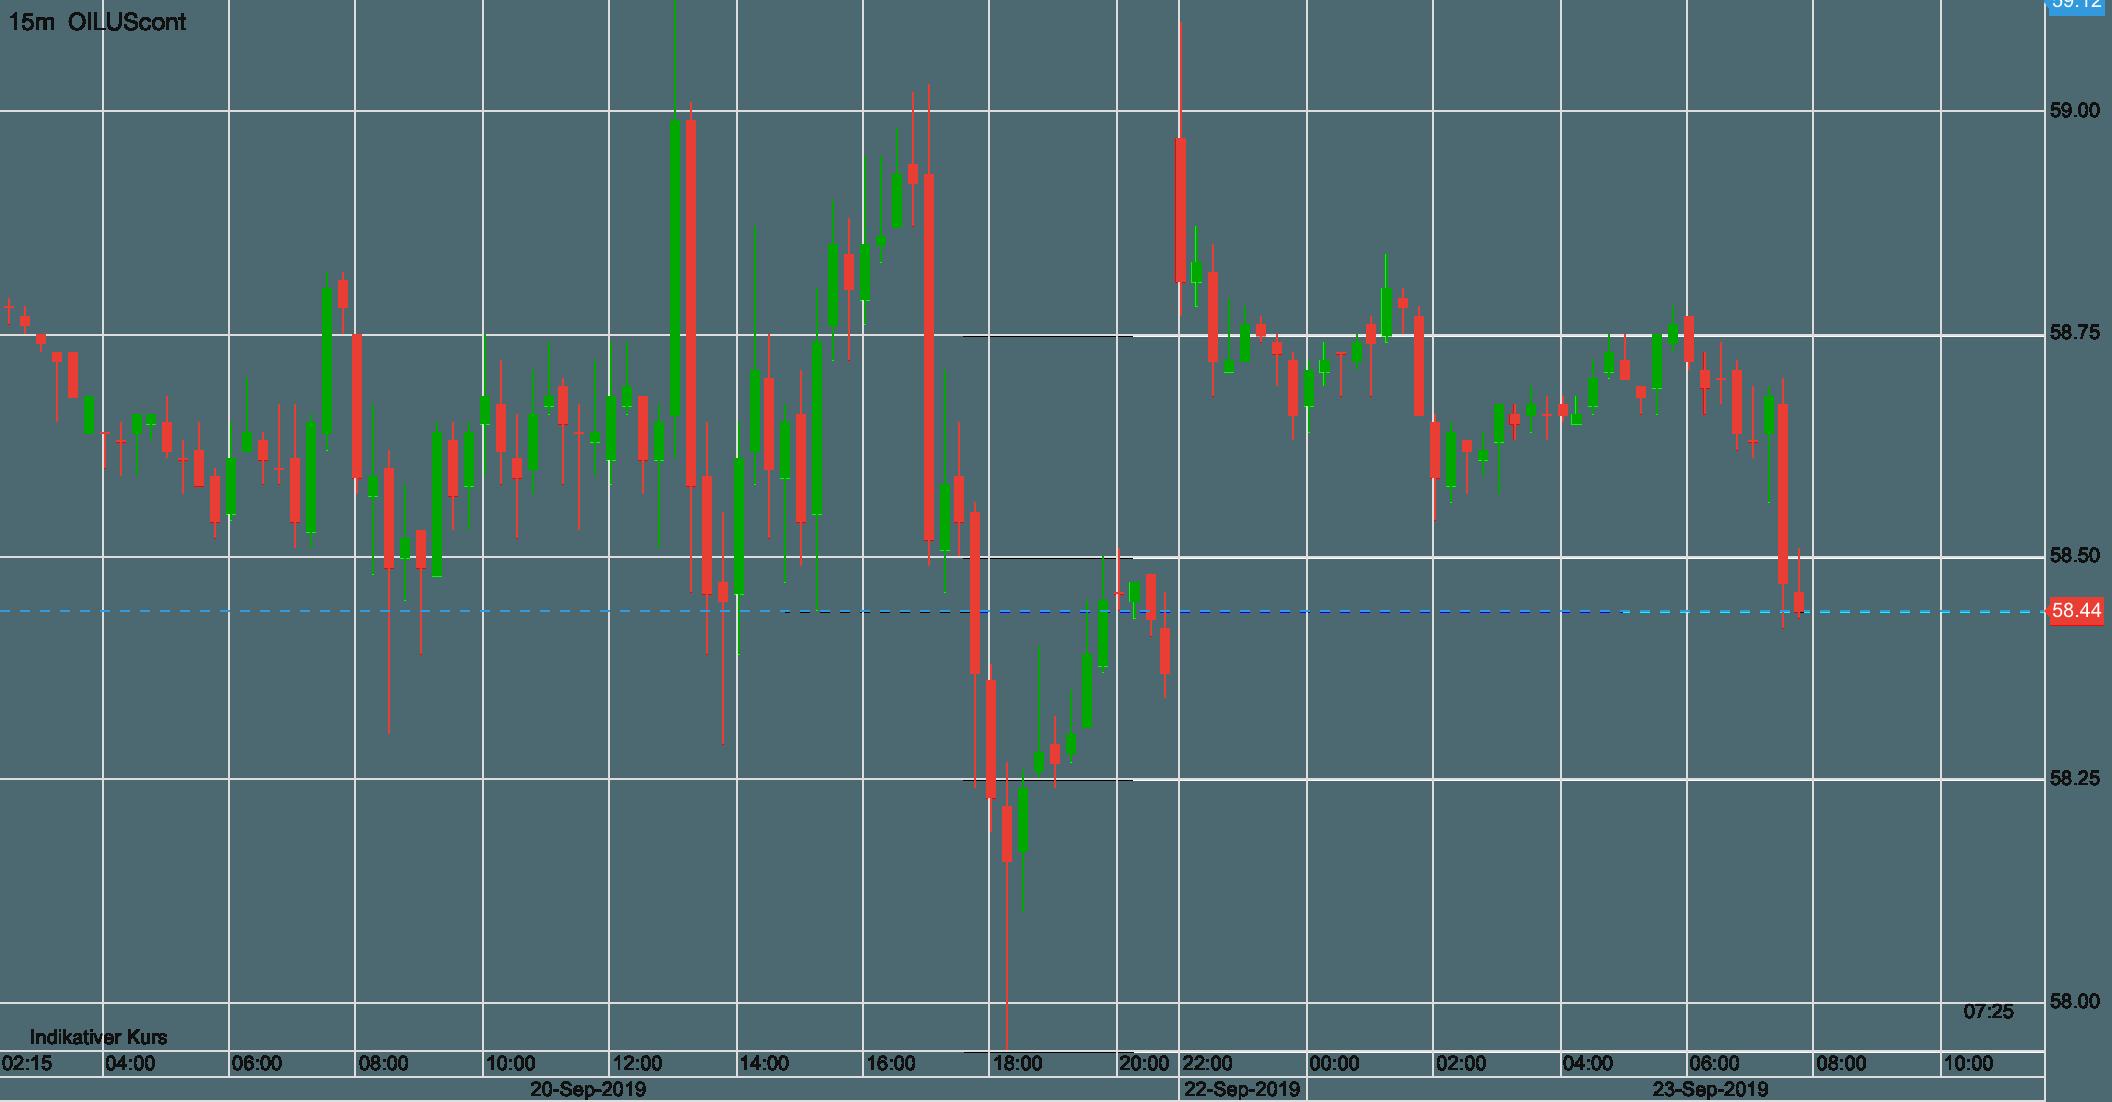 Ölpreis WTI seit Freitag früh